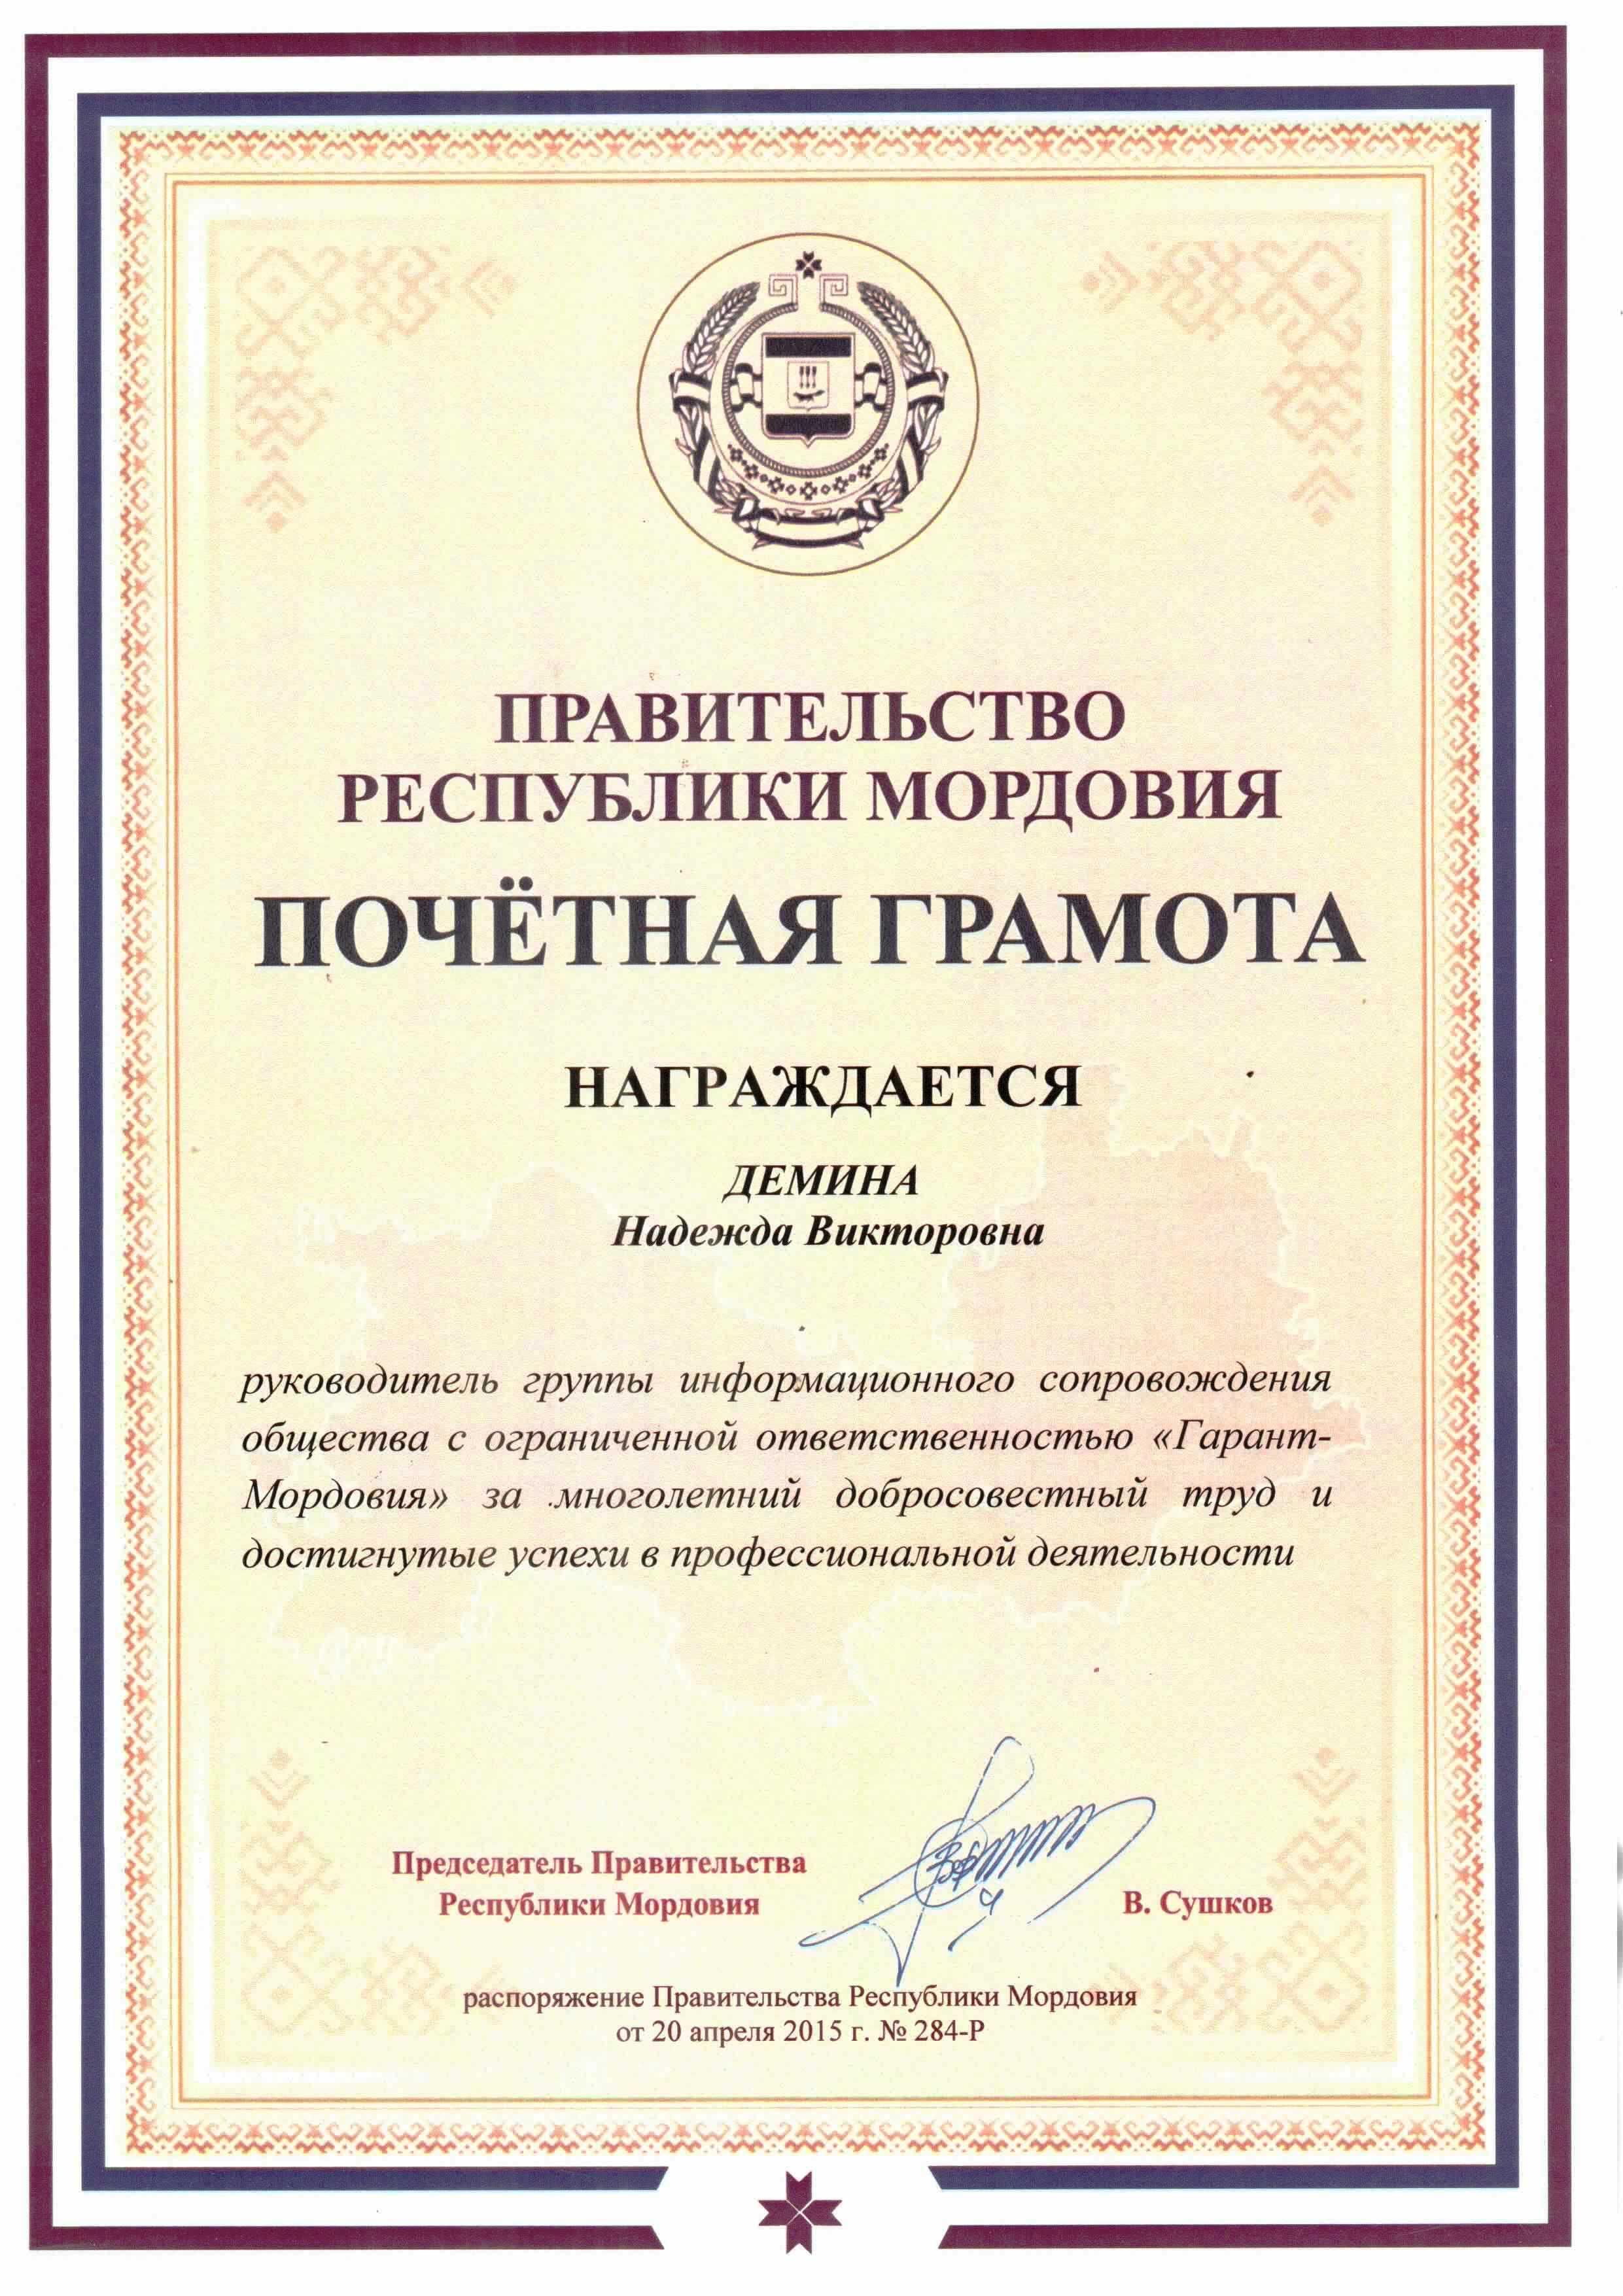 Почетная грамота Деминой Н.В.